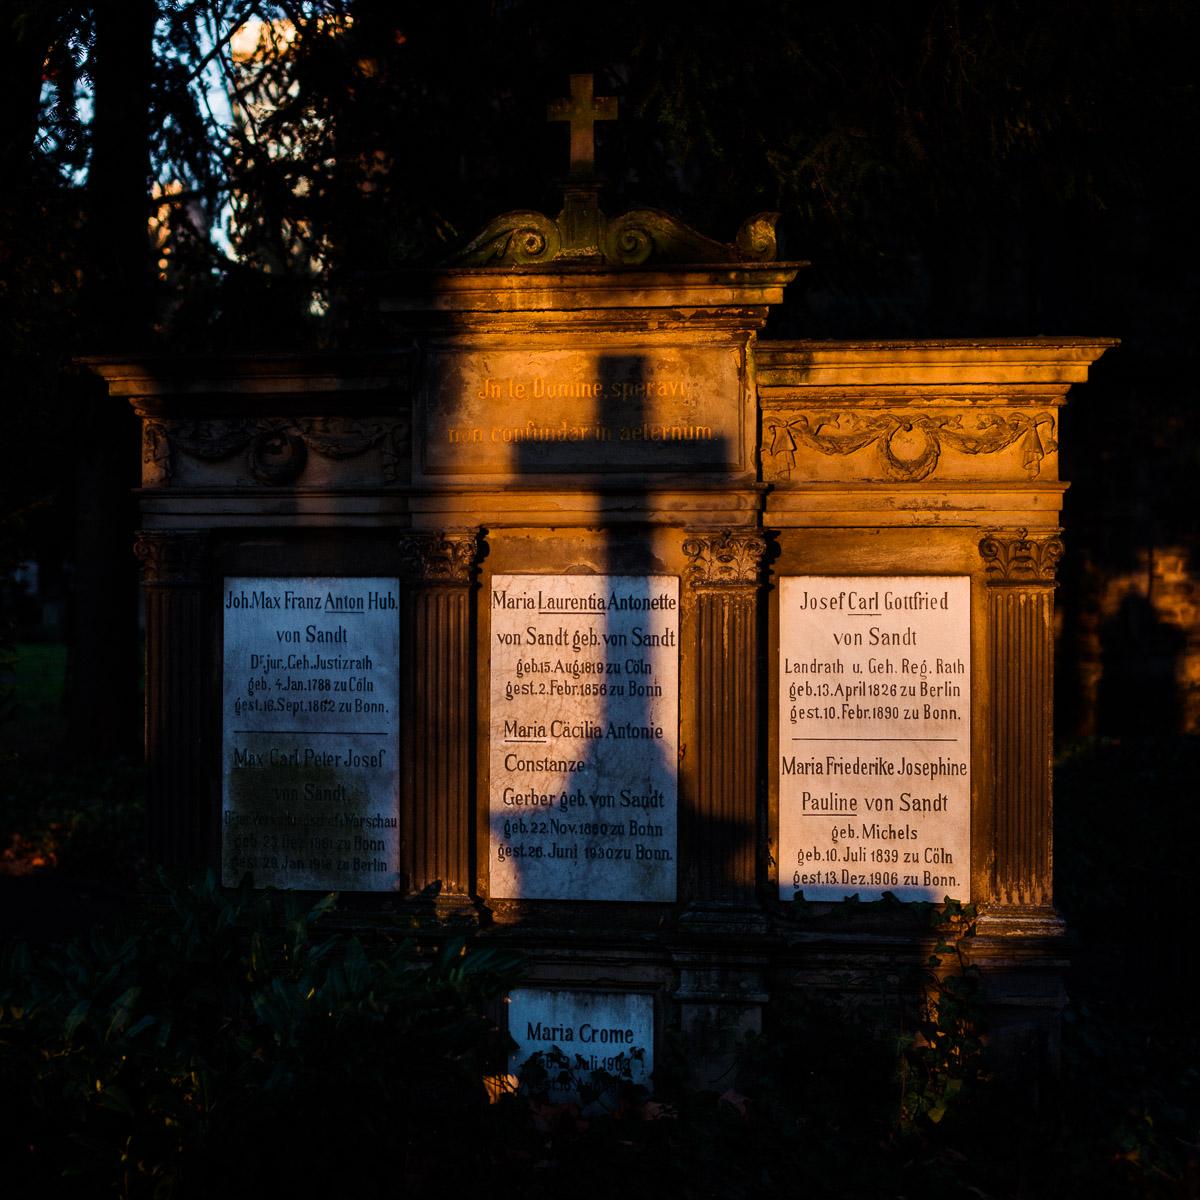 Ein illuminiertes Grabmal mit dem Schattenwurf eines Kreuzes